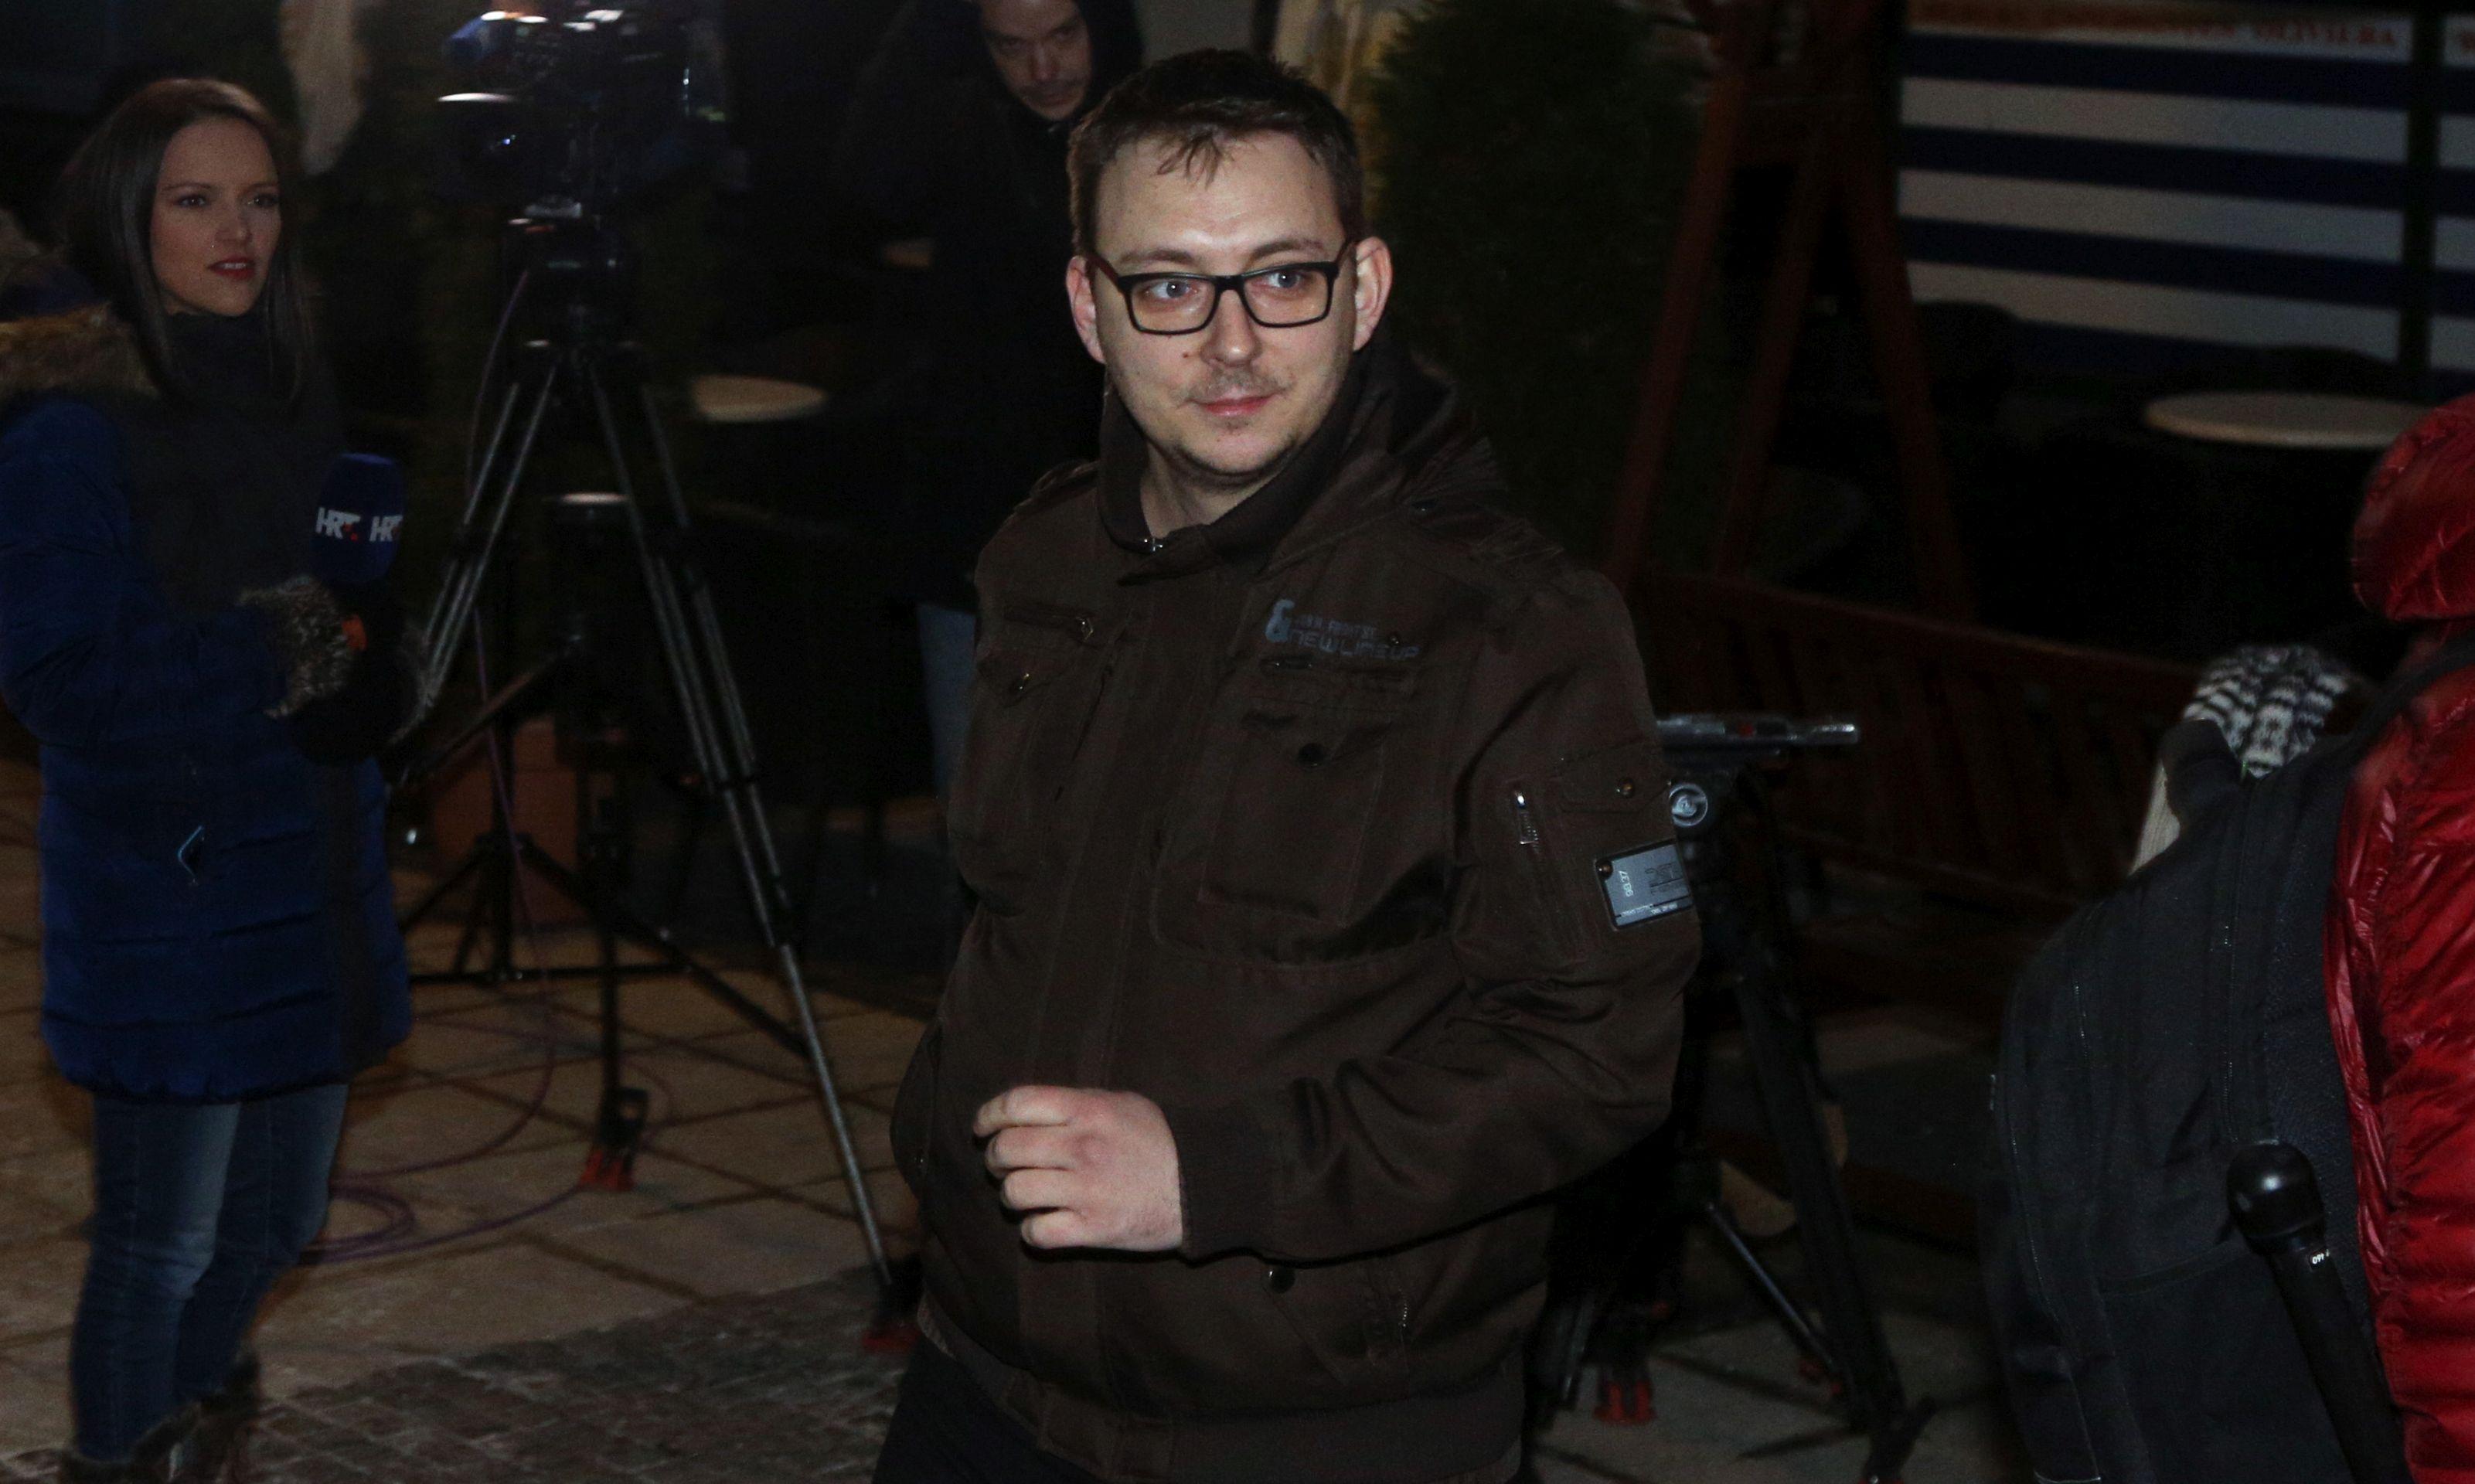 PROZIVANJE NA ULICI Glavaševiću i Jokiću dobacio da su – četnici